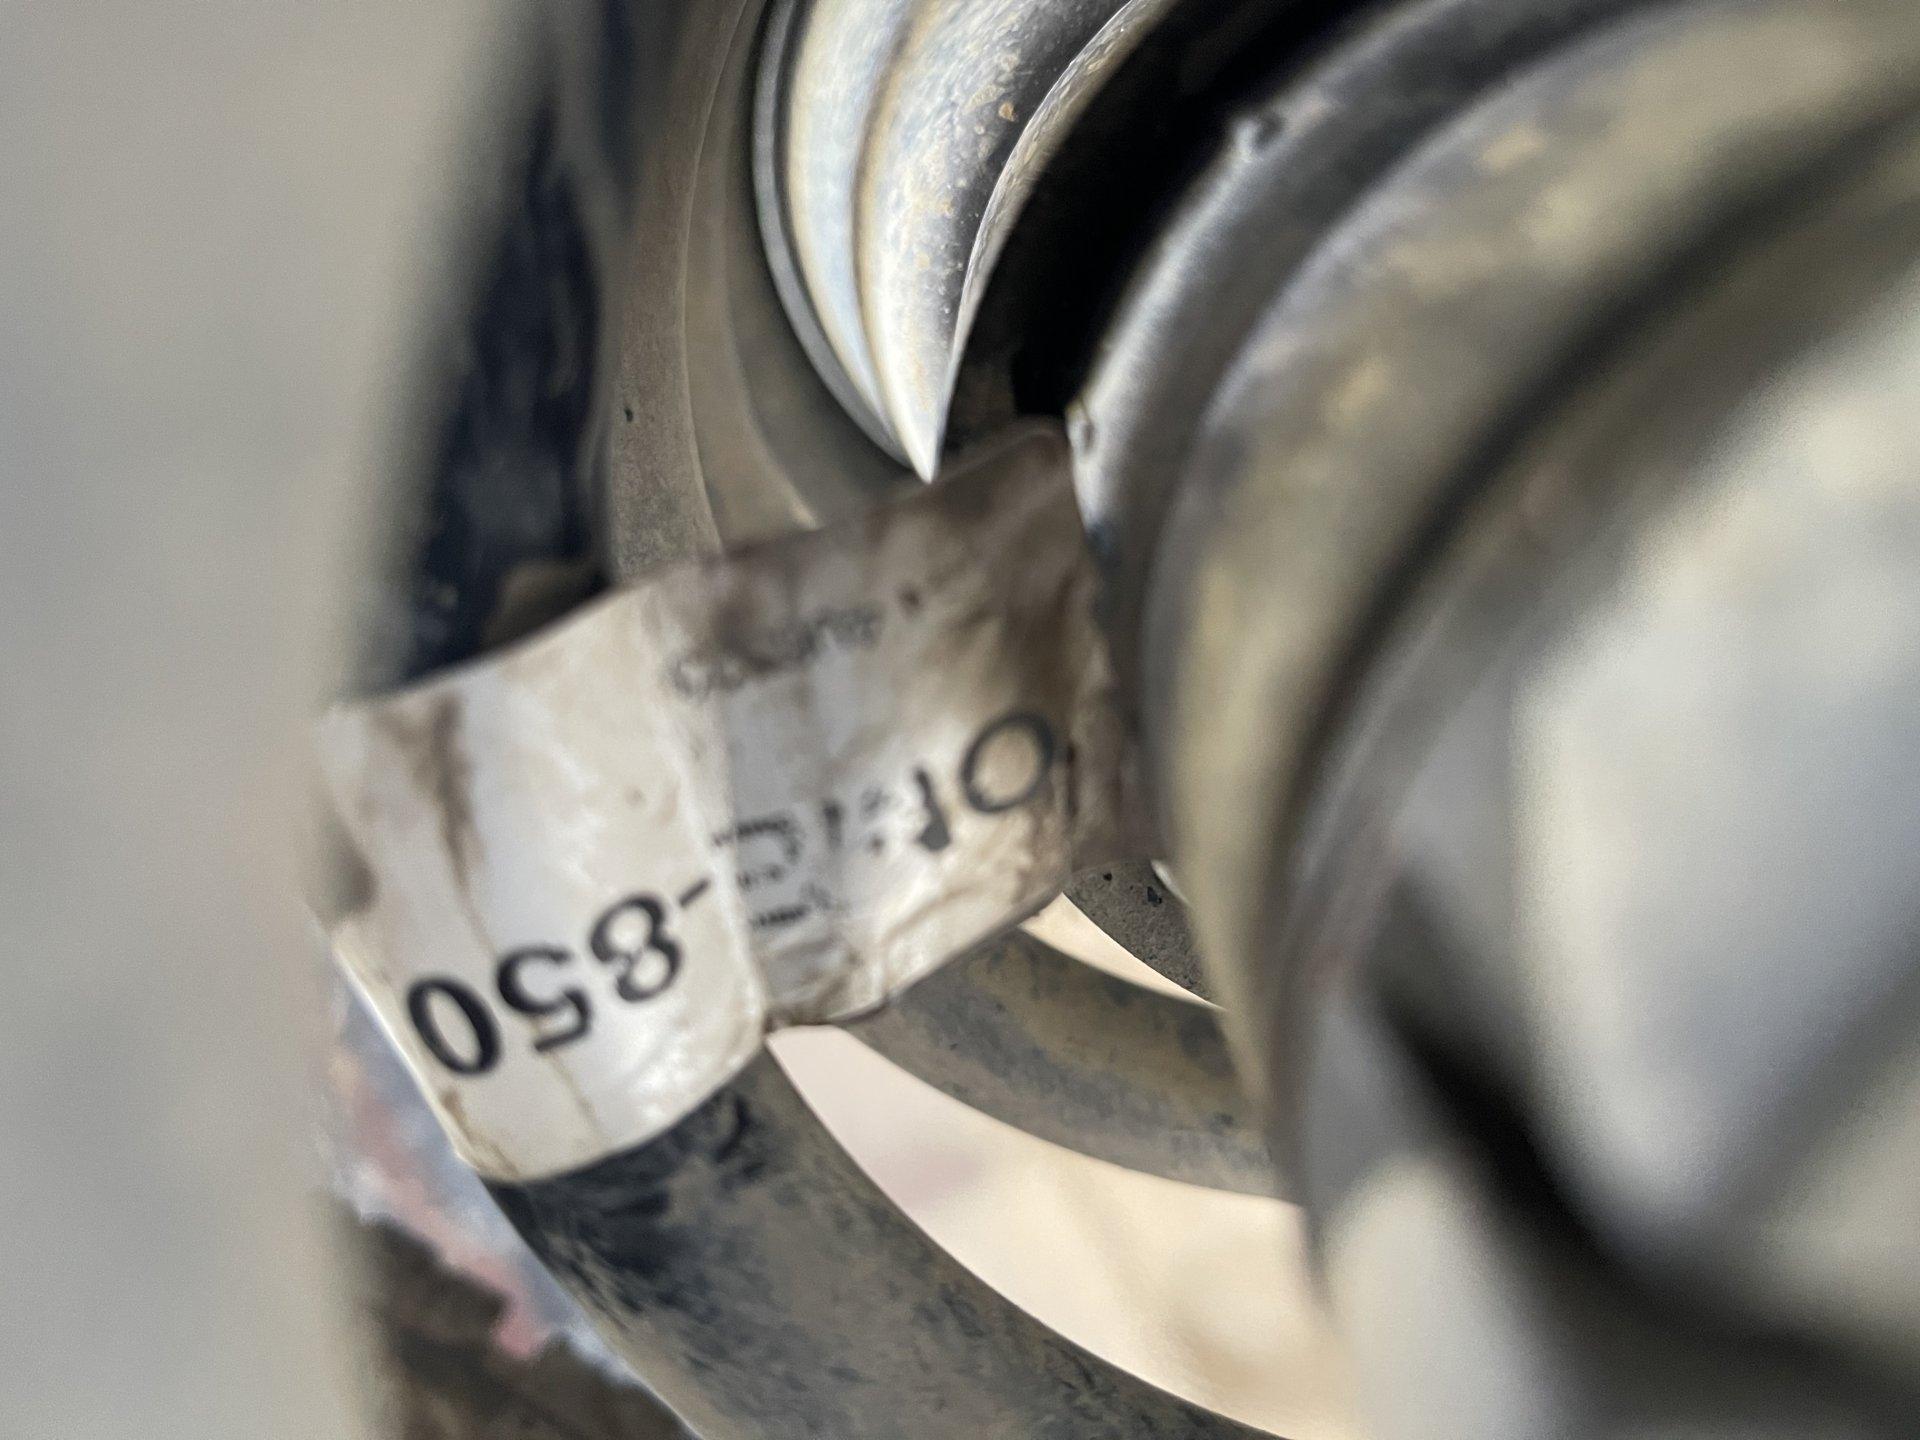 8DEC0200-07D6-442E-BB7E-410CBD8322C5.jpeg